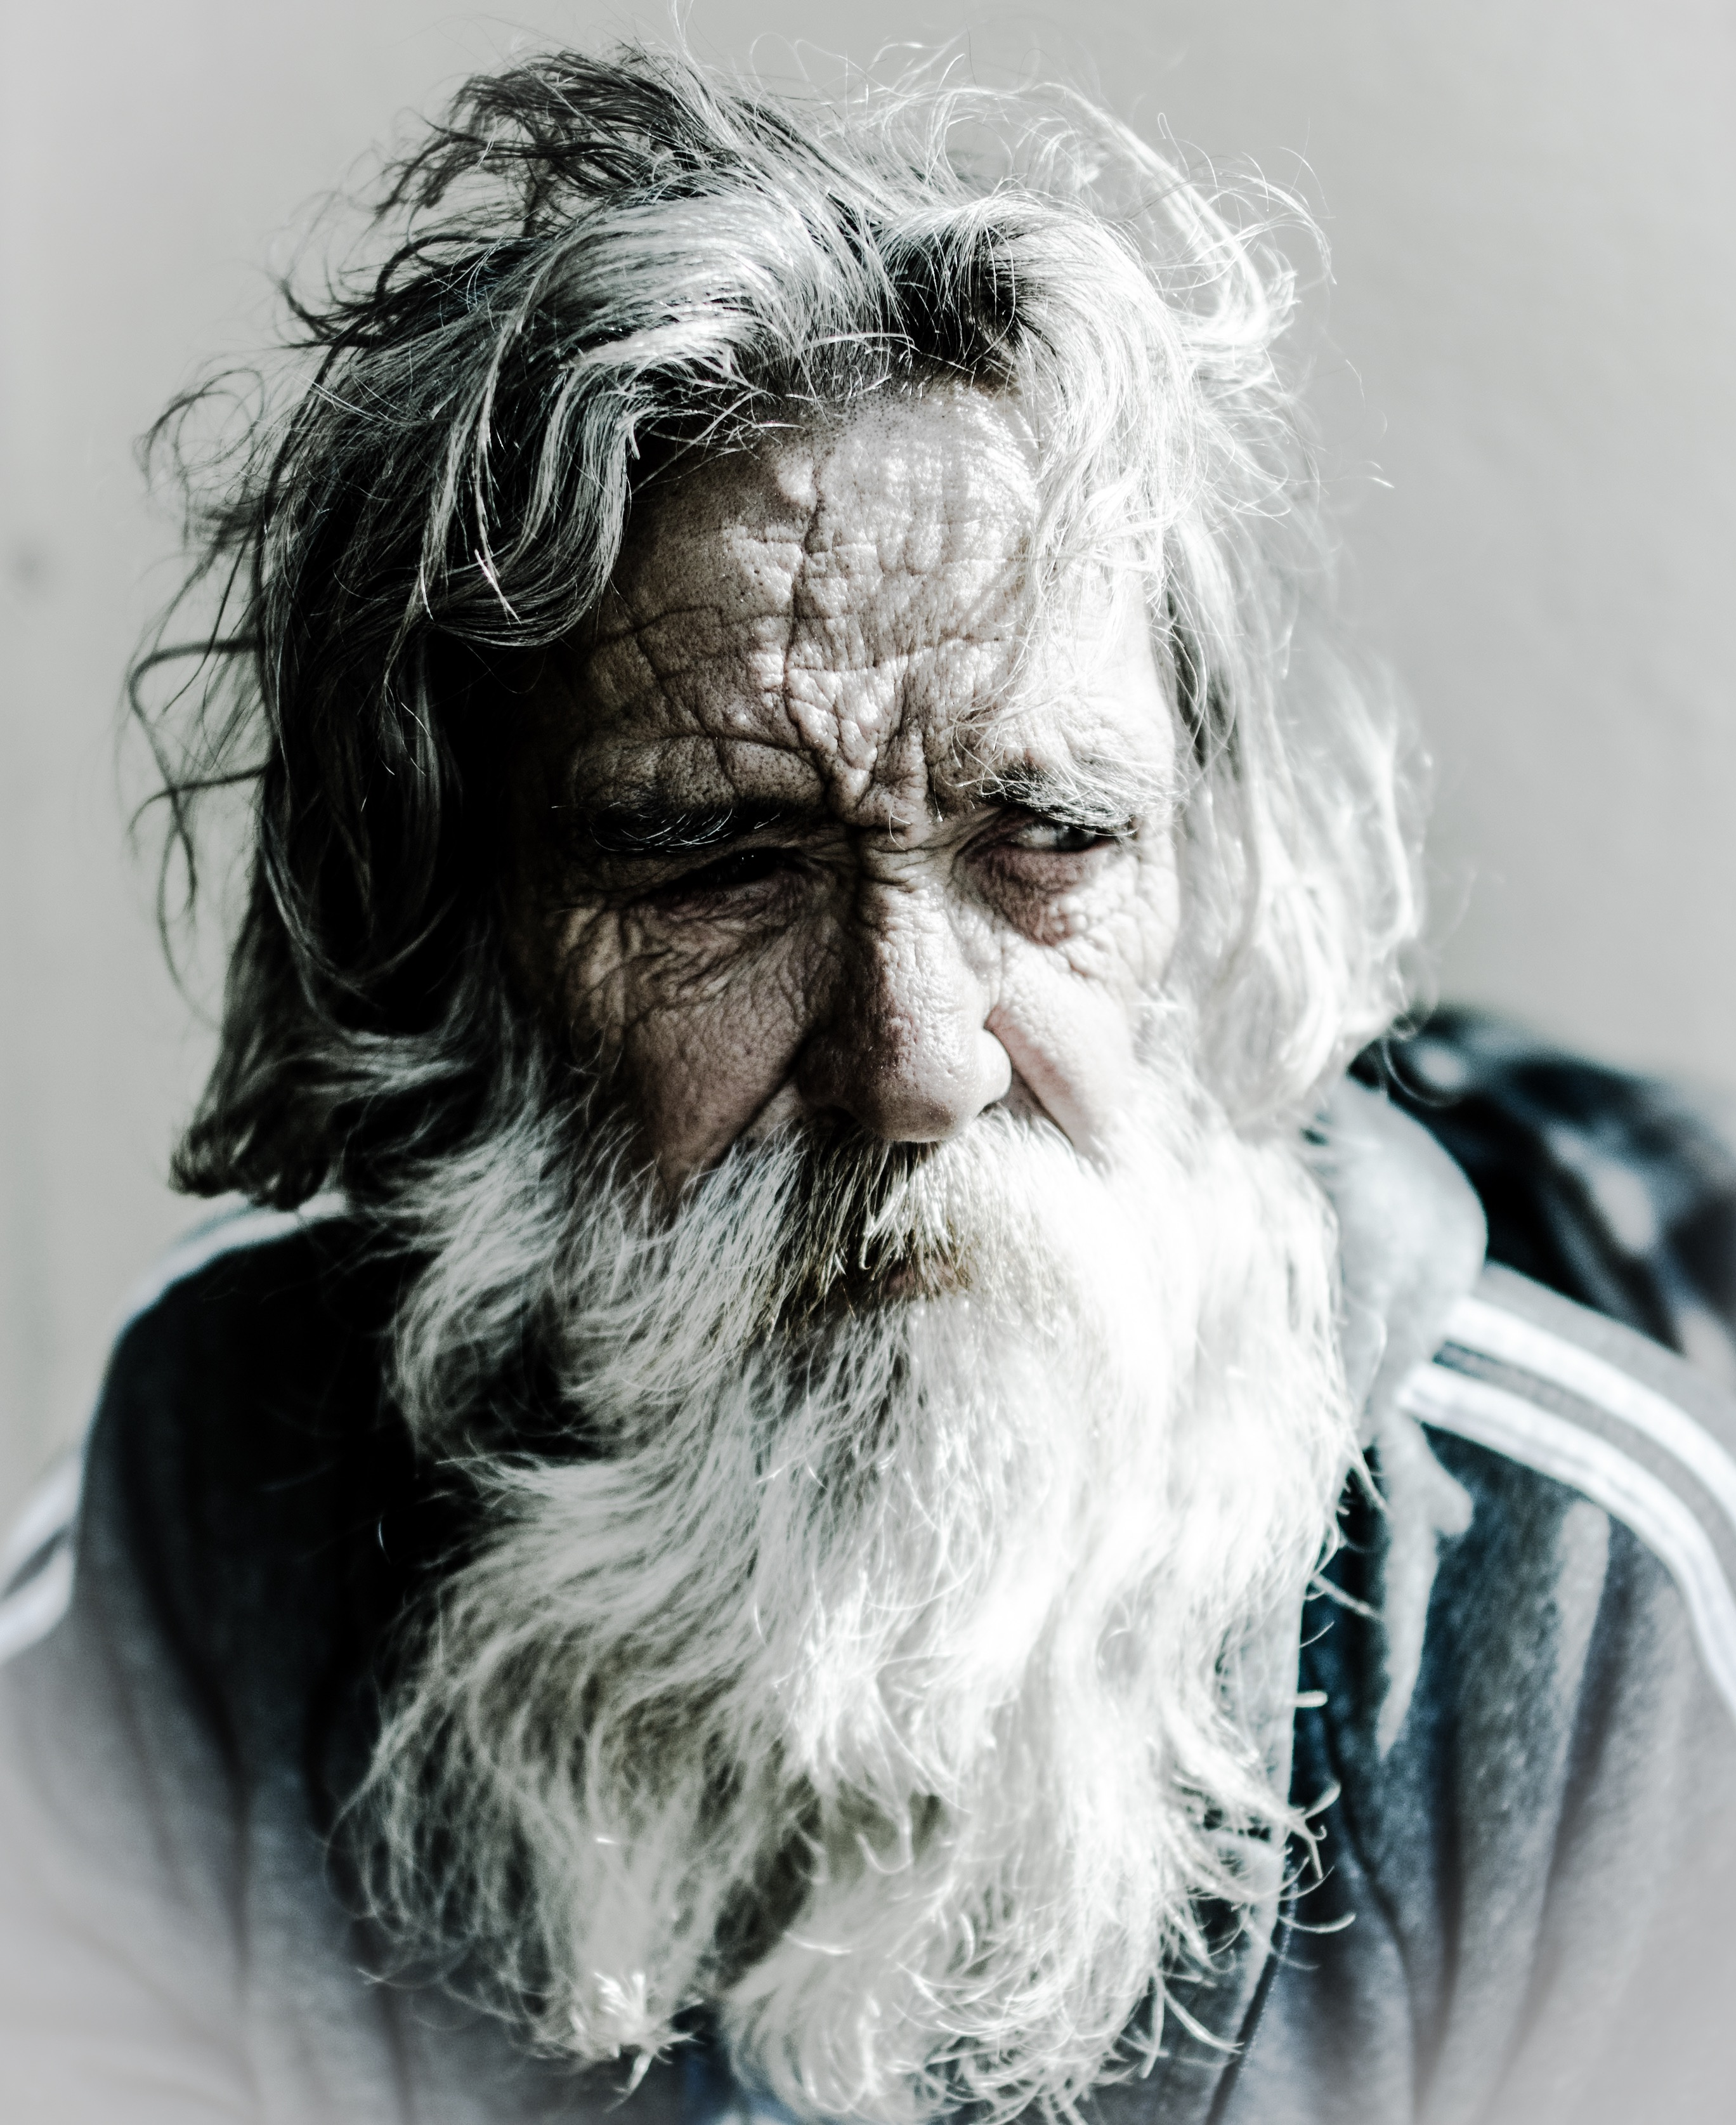 man's portrait photography